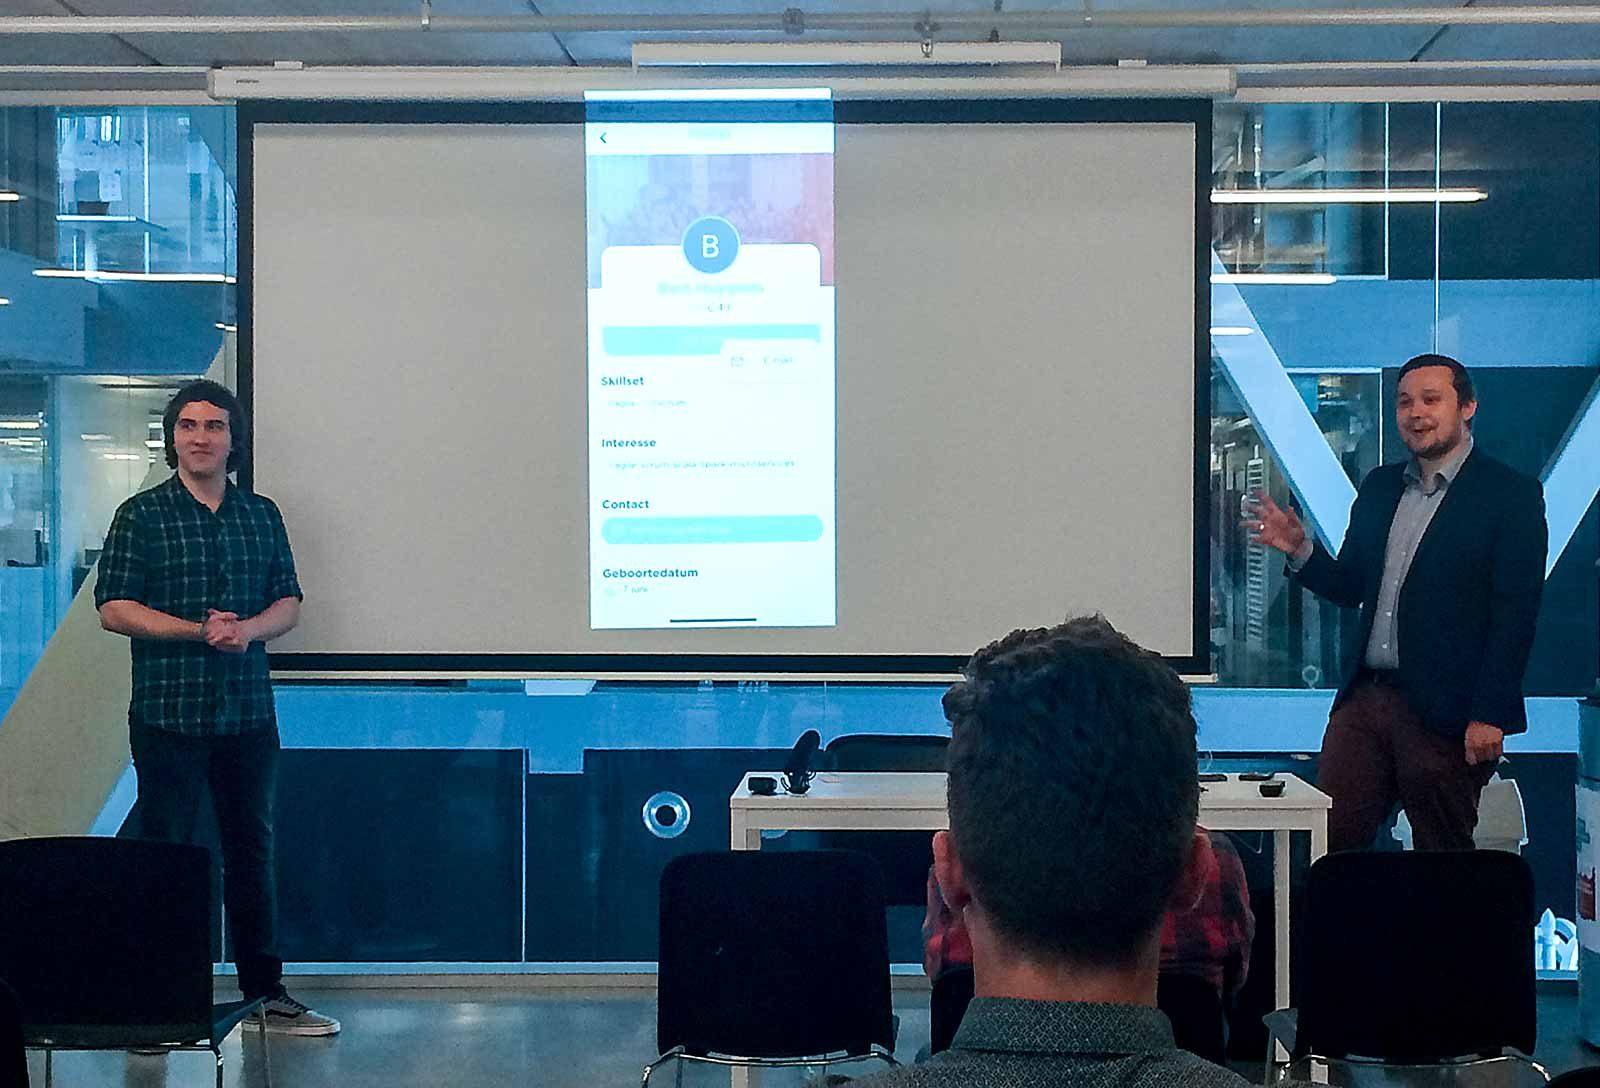 Cedric en Dario geven hun presentatie van de Who is Who applicatie